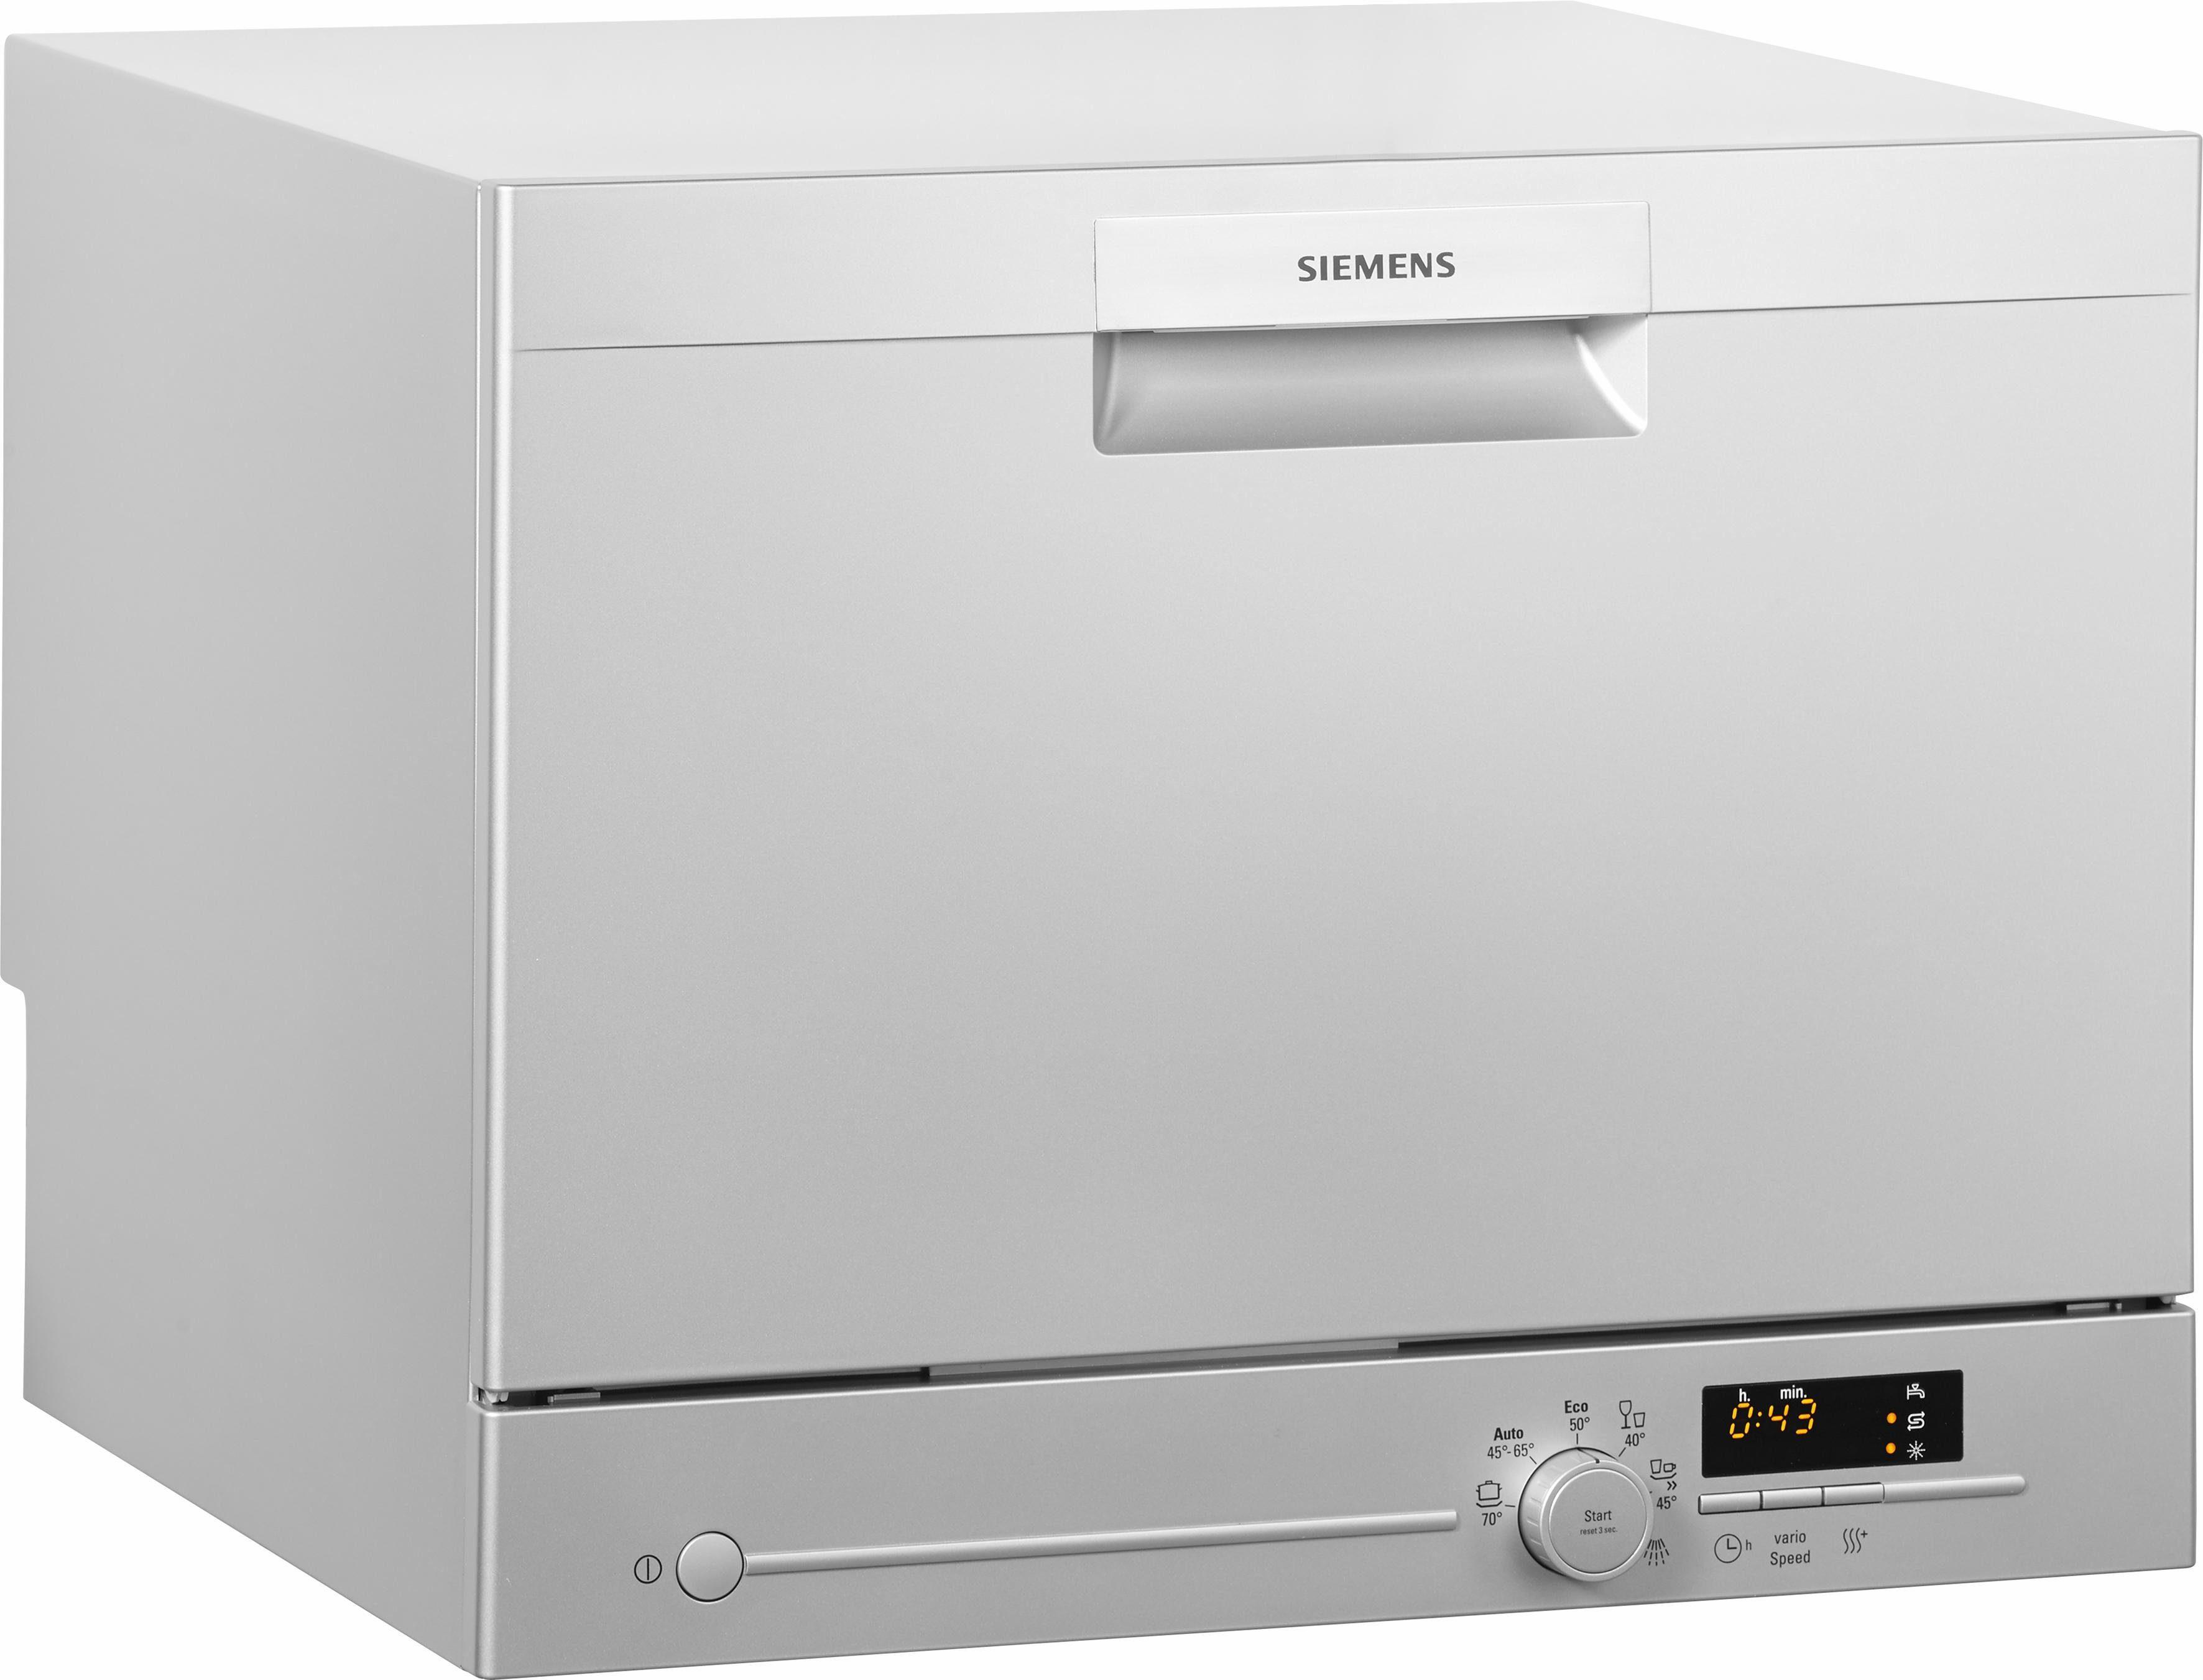 Siemens Kühlschrank Otto : Siemens tischgeschirrspüler sk e eu l maßgedecke online